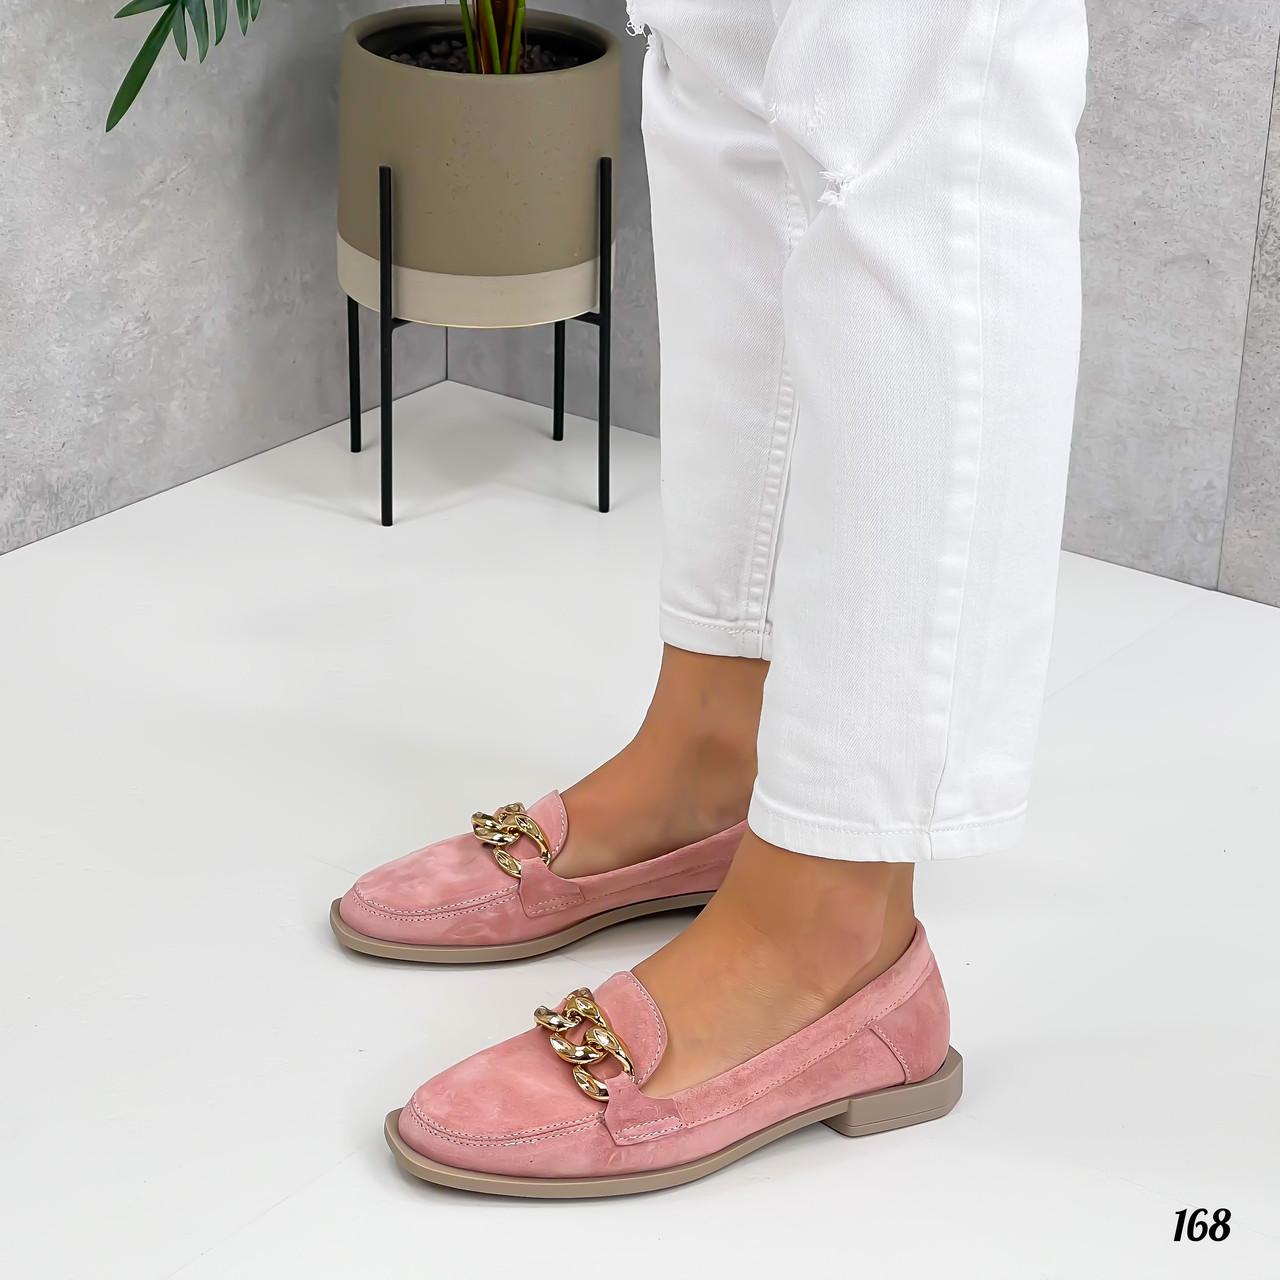 Стильные женские туфли - лоферы розовые / пудра с цепочкой натуральная замша